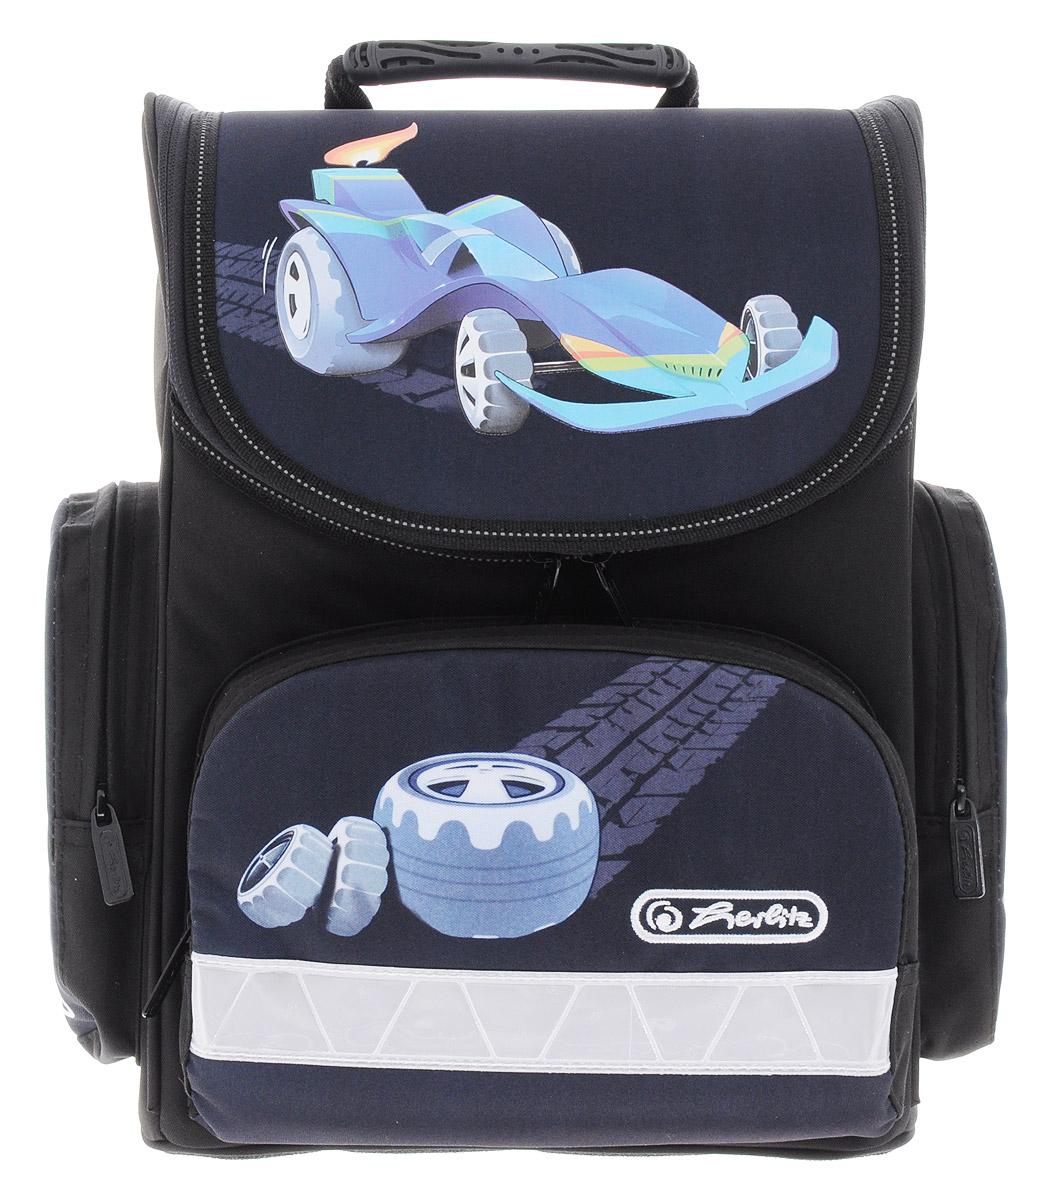 Herlitz Ранец школьный Design Car11351111Школьный ранец Herlitz Design Car выполнен из легкого и прочного материала.Ранец имеет одно основное отделение, закрывающееся клапаном на застежку-молнию с двумя бегунками. Клапан полностью откидывается, что существенно облегчает пользование ранцем. На внутренней части клапана находится прозрачный пластиковый кармашек, в который можно поместить данные о владельце ранца. Внутри главного отделения расположена мягкая перегородка для тетрадей или учебников. На лицевой стороне ранца находится накладной карман на застежке-молнии. По бокам ранца размещены два накладных кармана на молнии.Ортопедическая спинка, созданная по специальной технологии из дышащего материала, равномерно распределяет нагрузку на плечевые суставы и спину. В нижней части спинки расположен поясничный упор - небольшой валик, на который при правильном ношении ранца будет приходиться основная нагрузка.Изделие оснащено удобной ручкой для переноски в руке и двумя широкими лямками, регулируемой длины. У ранца имеются светоотражатели. Дно ранца из прочного материала легко очищается от загрязнений.Многофункциональный школьный ранец станет незаменимым спутником вашего ребенка в походах за знаниями.Вес ранца без наполнения: 1 кг.Рекомендуемый возраст: от 6 лет.